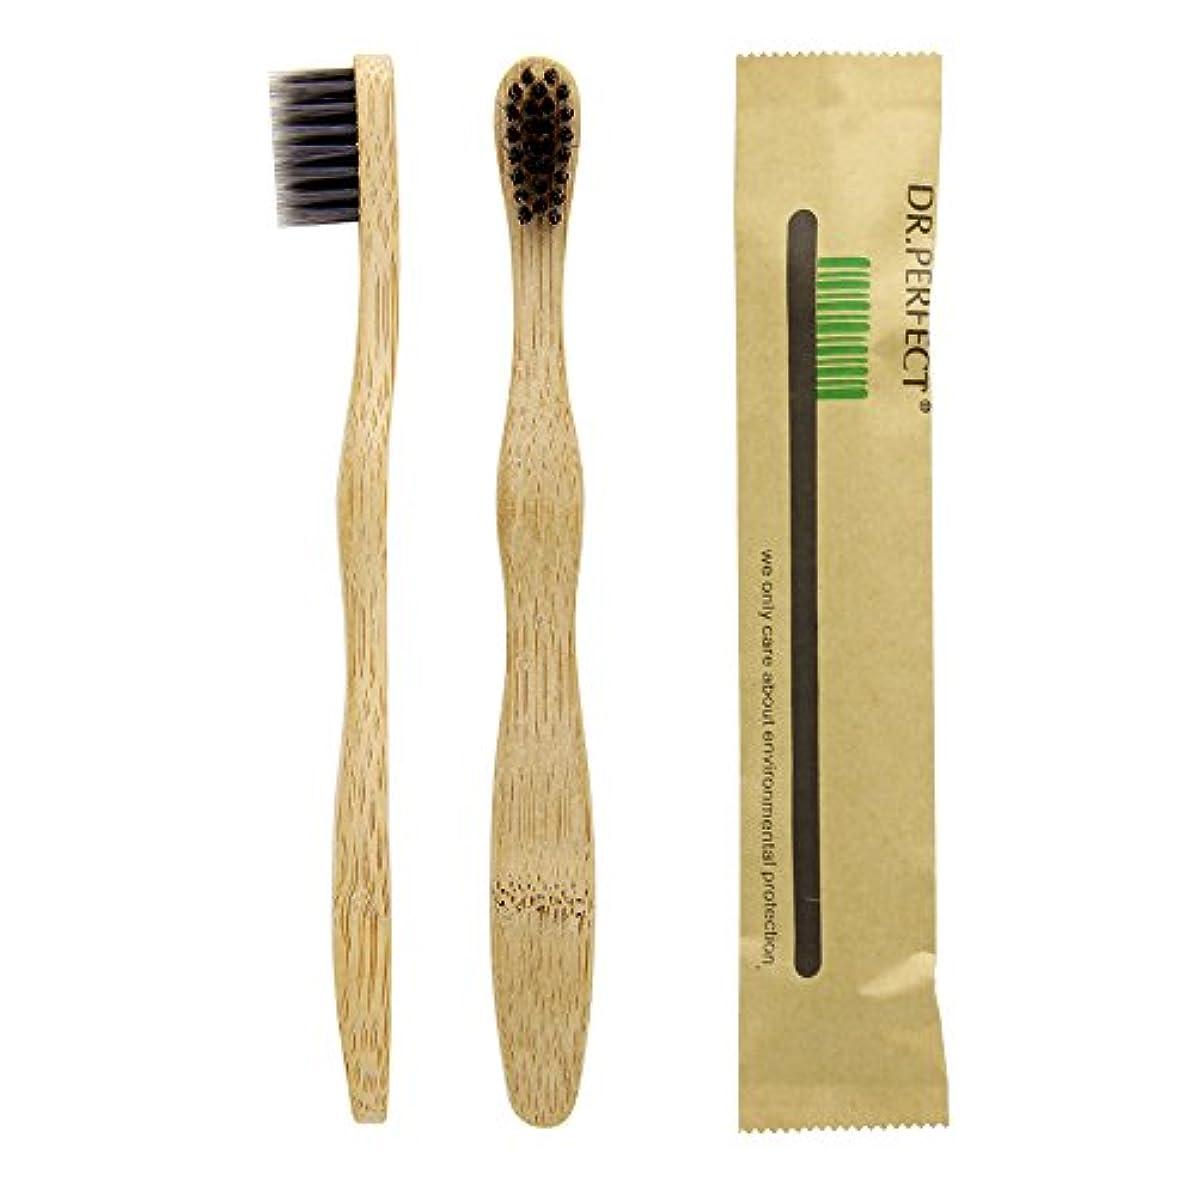 病院待つ日記Dr.Perfect Bamboo チャイルド 竹の歯ブラシ ナイロン毛 生分解性の (ブラック)